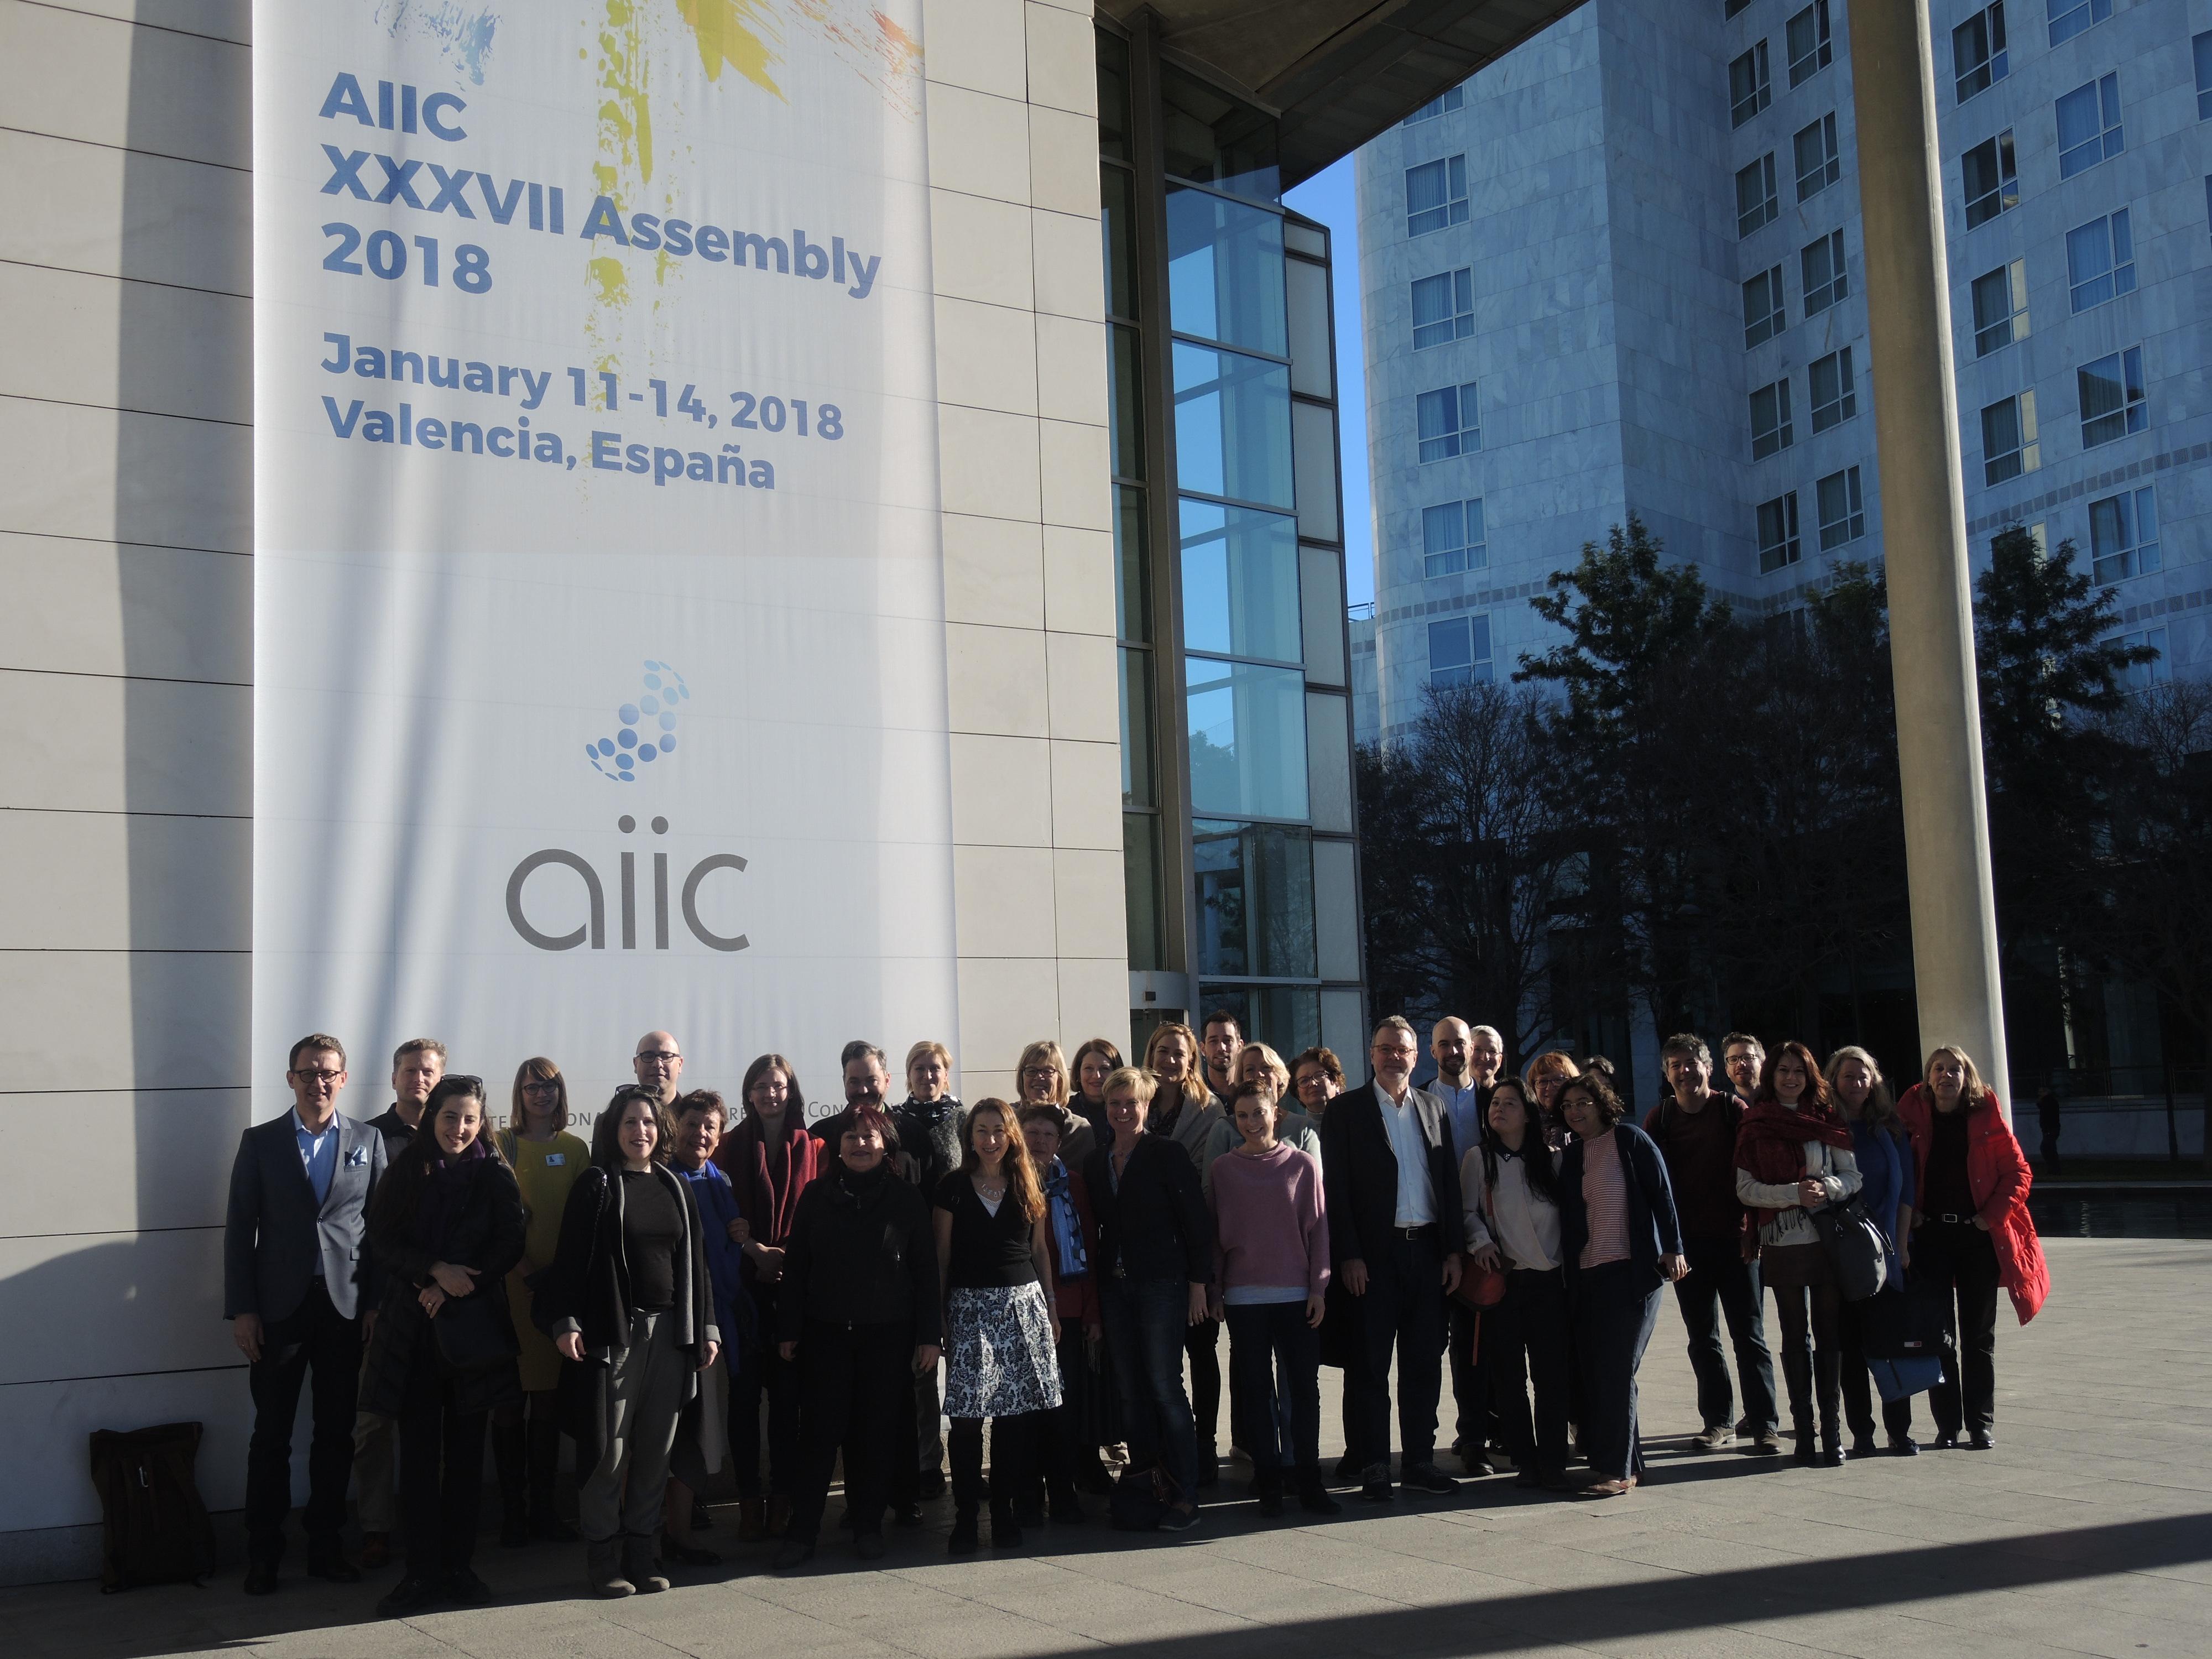 Dolmetscher Region AIIC Deutschland, 2018